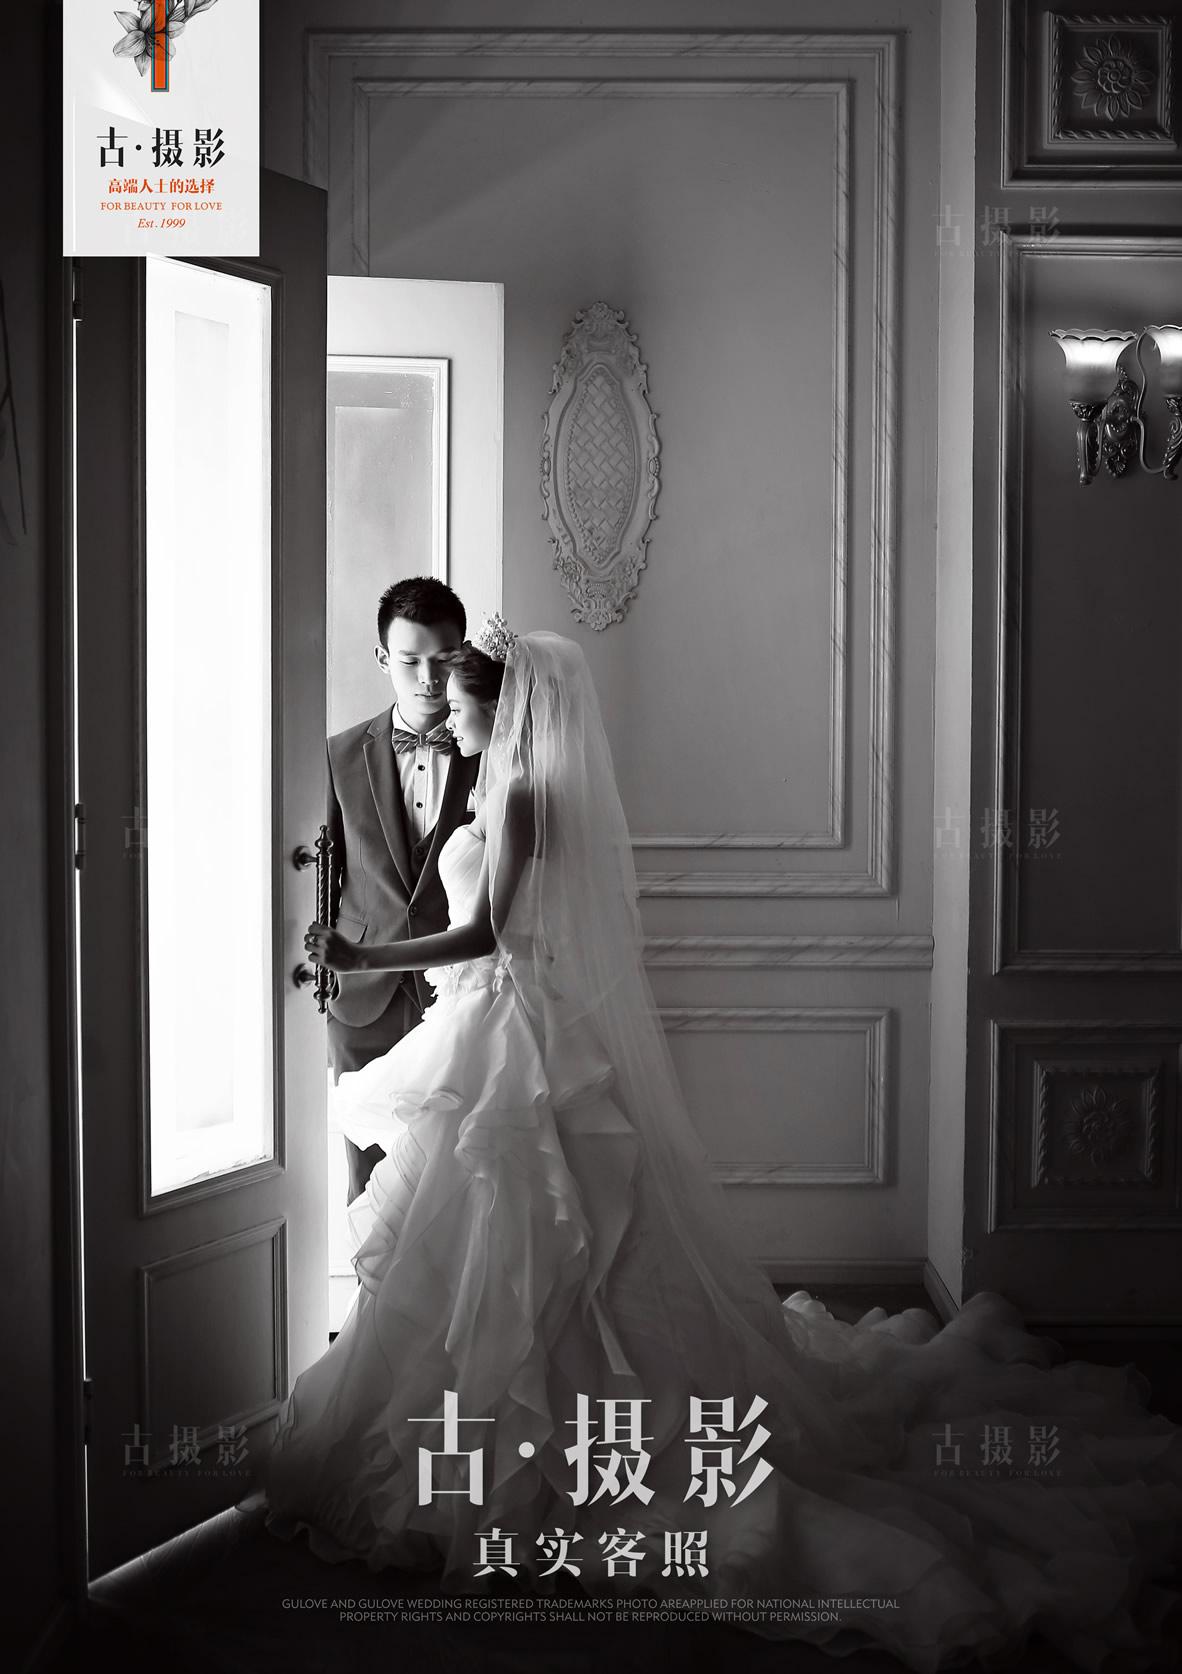 5月13日客片廖先生 张小姐 - 每日客照 - love昆明古摄影-昆明婚纱摄影网